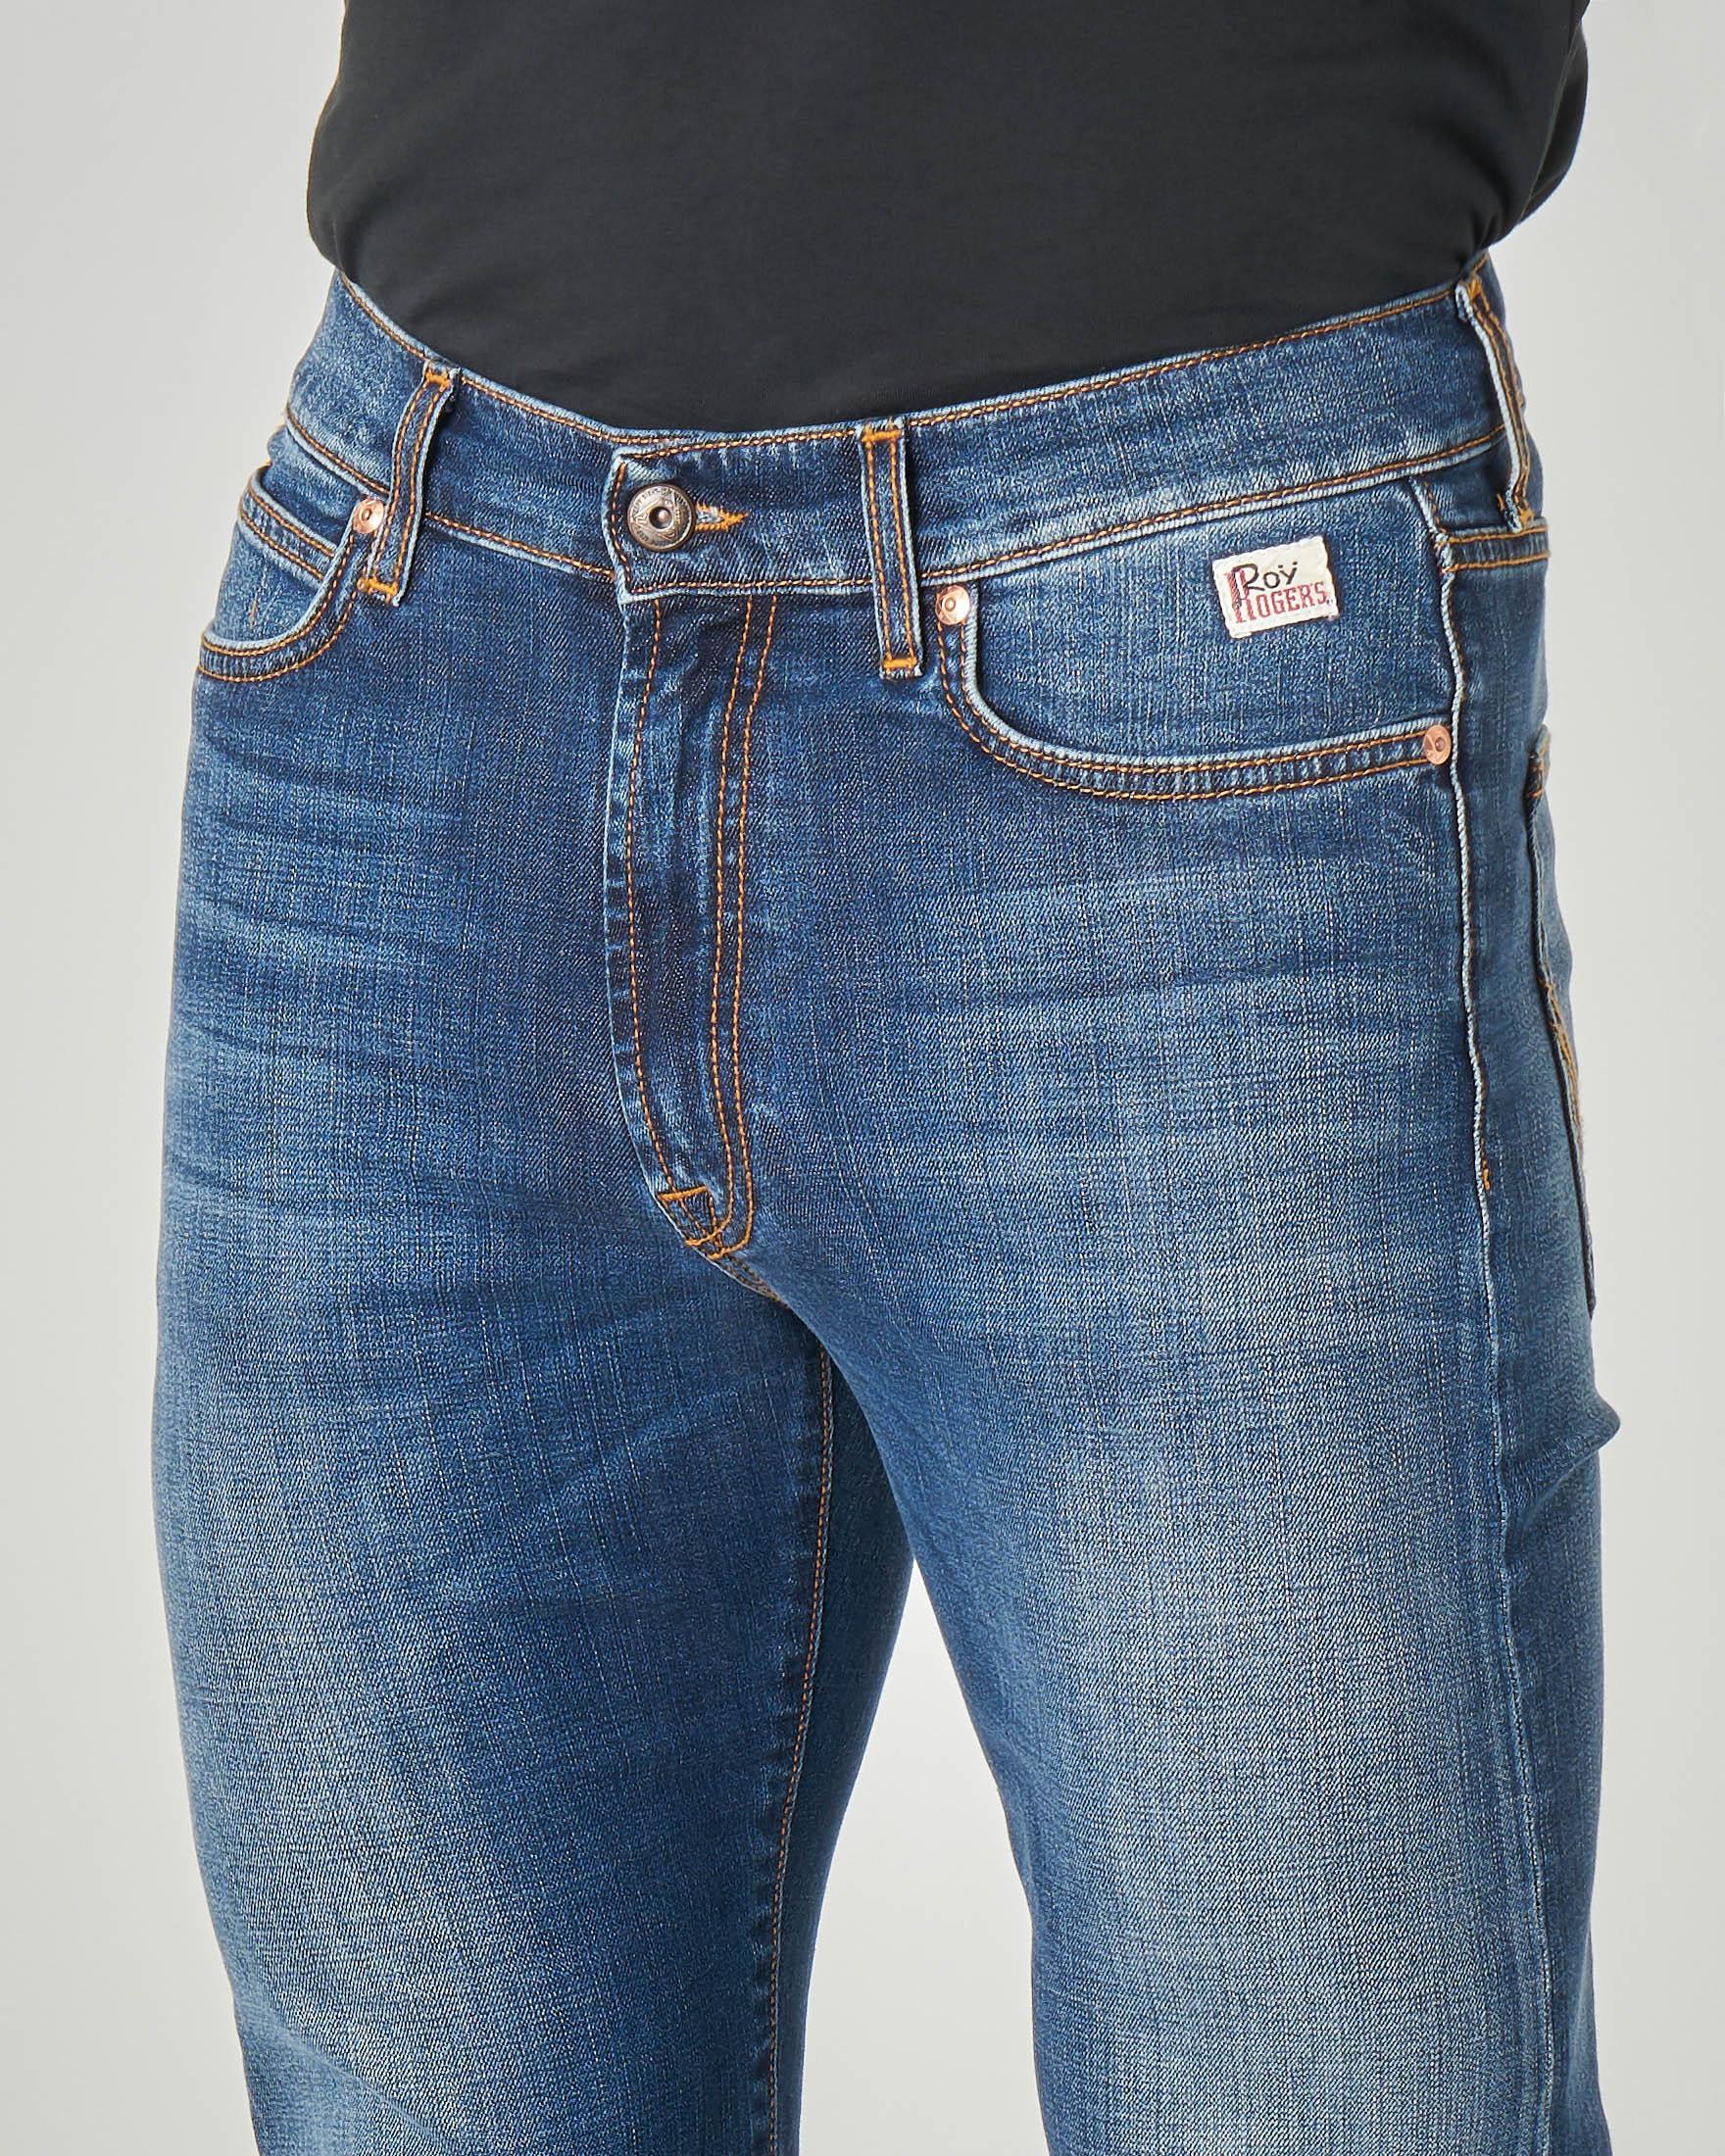 Jeans 927 Carlin lavaggio super stone wash